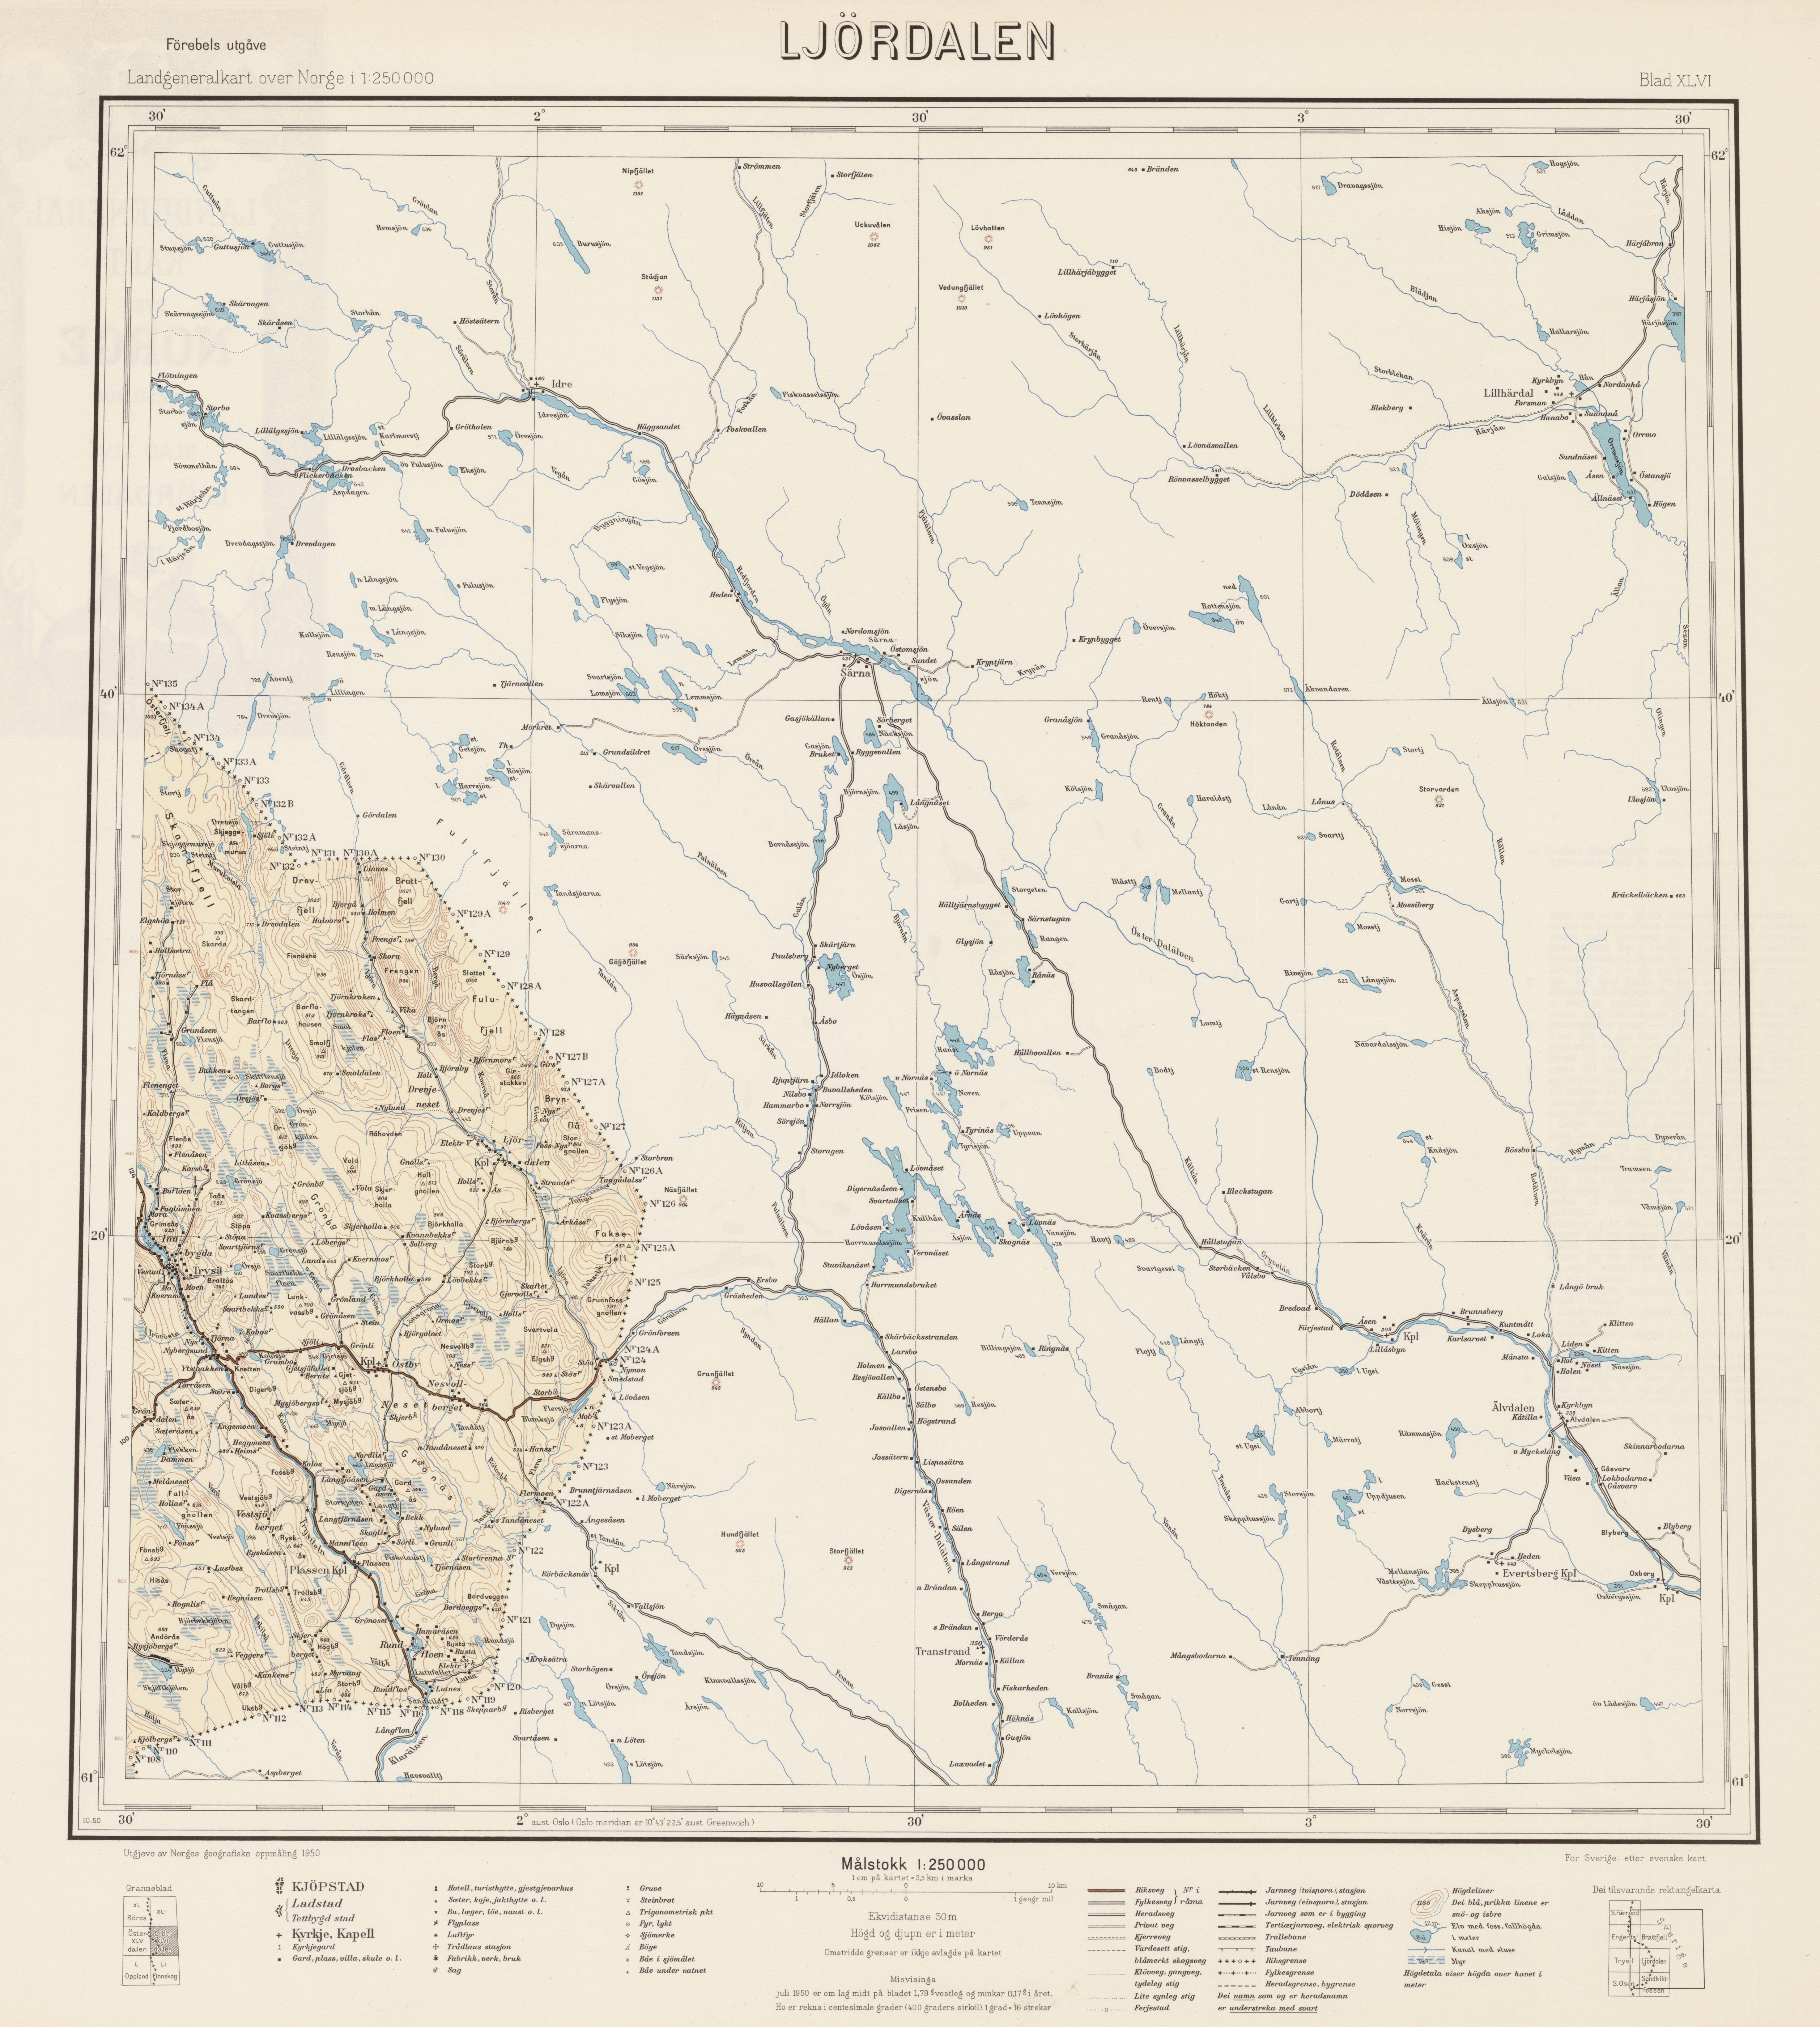 ljørdalen kart File:Landgeneralkart 46, Ljørdalen, 1950.   Wikimedia Commons ljørdalen kart